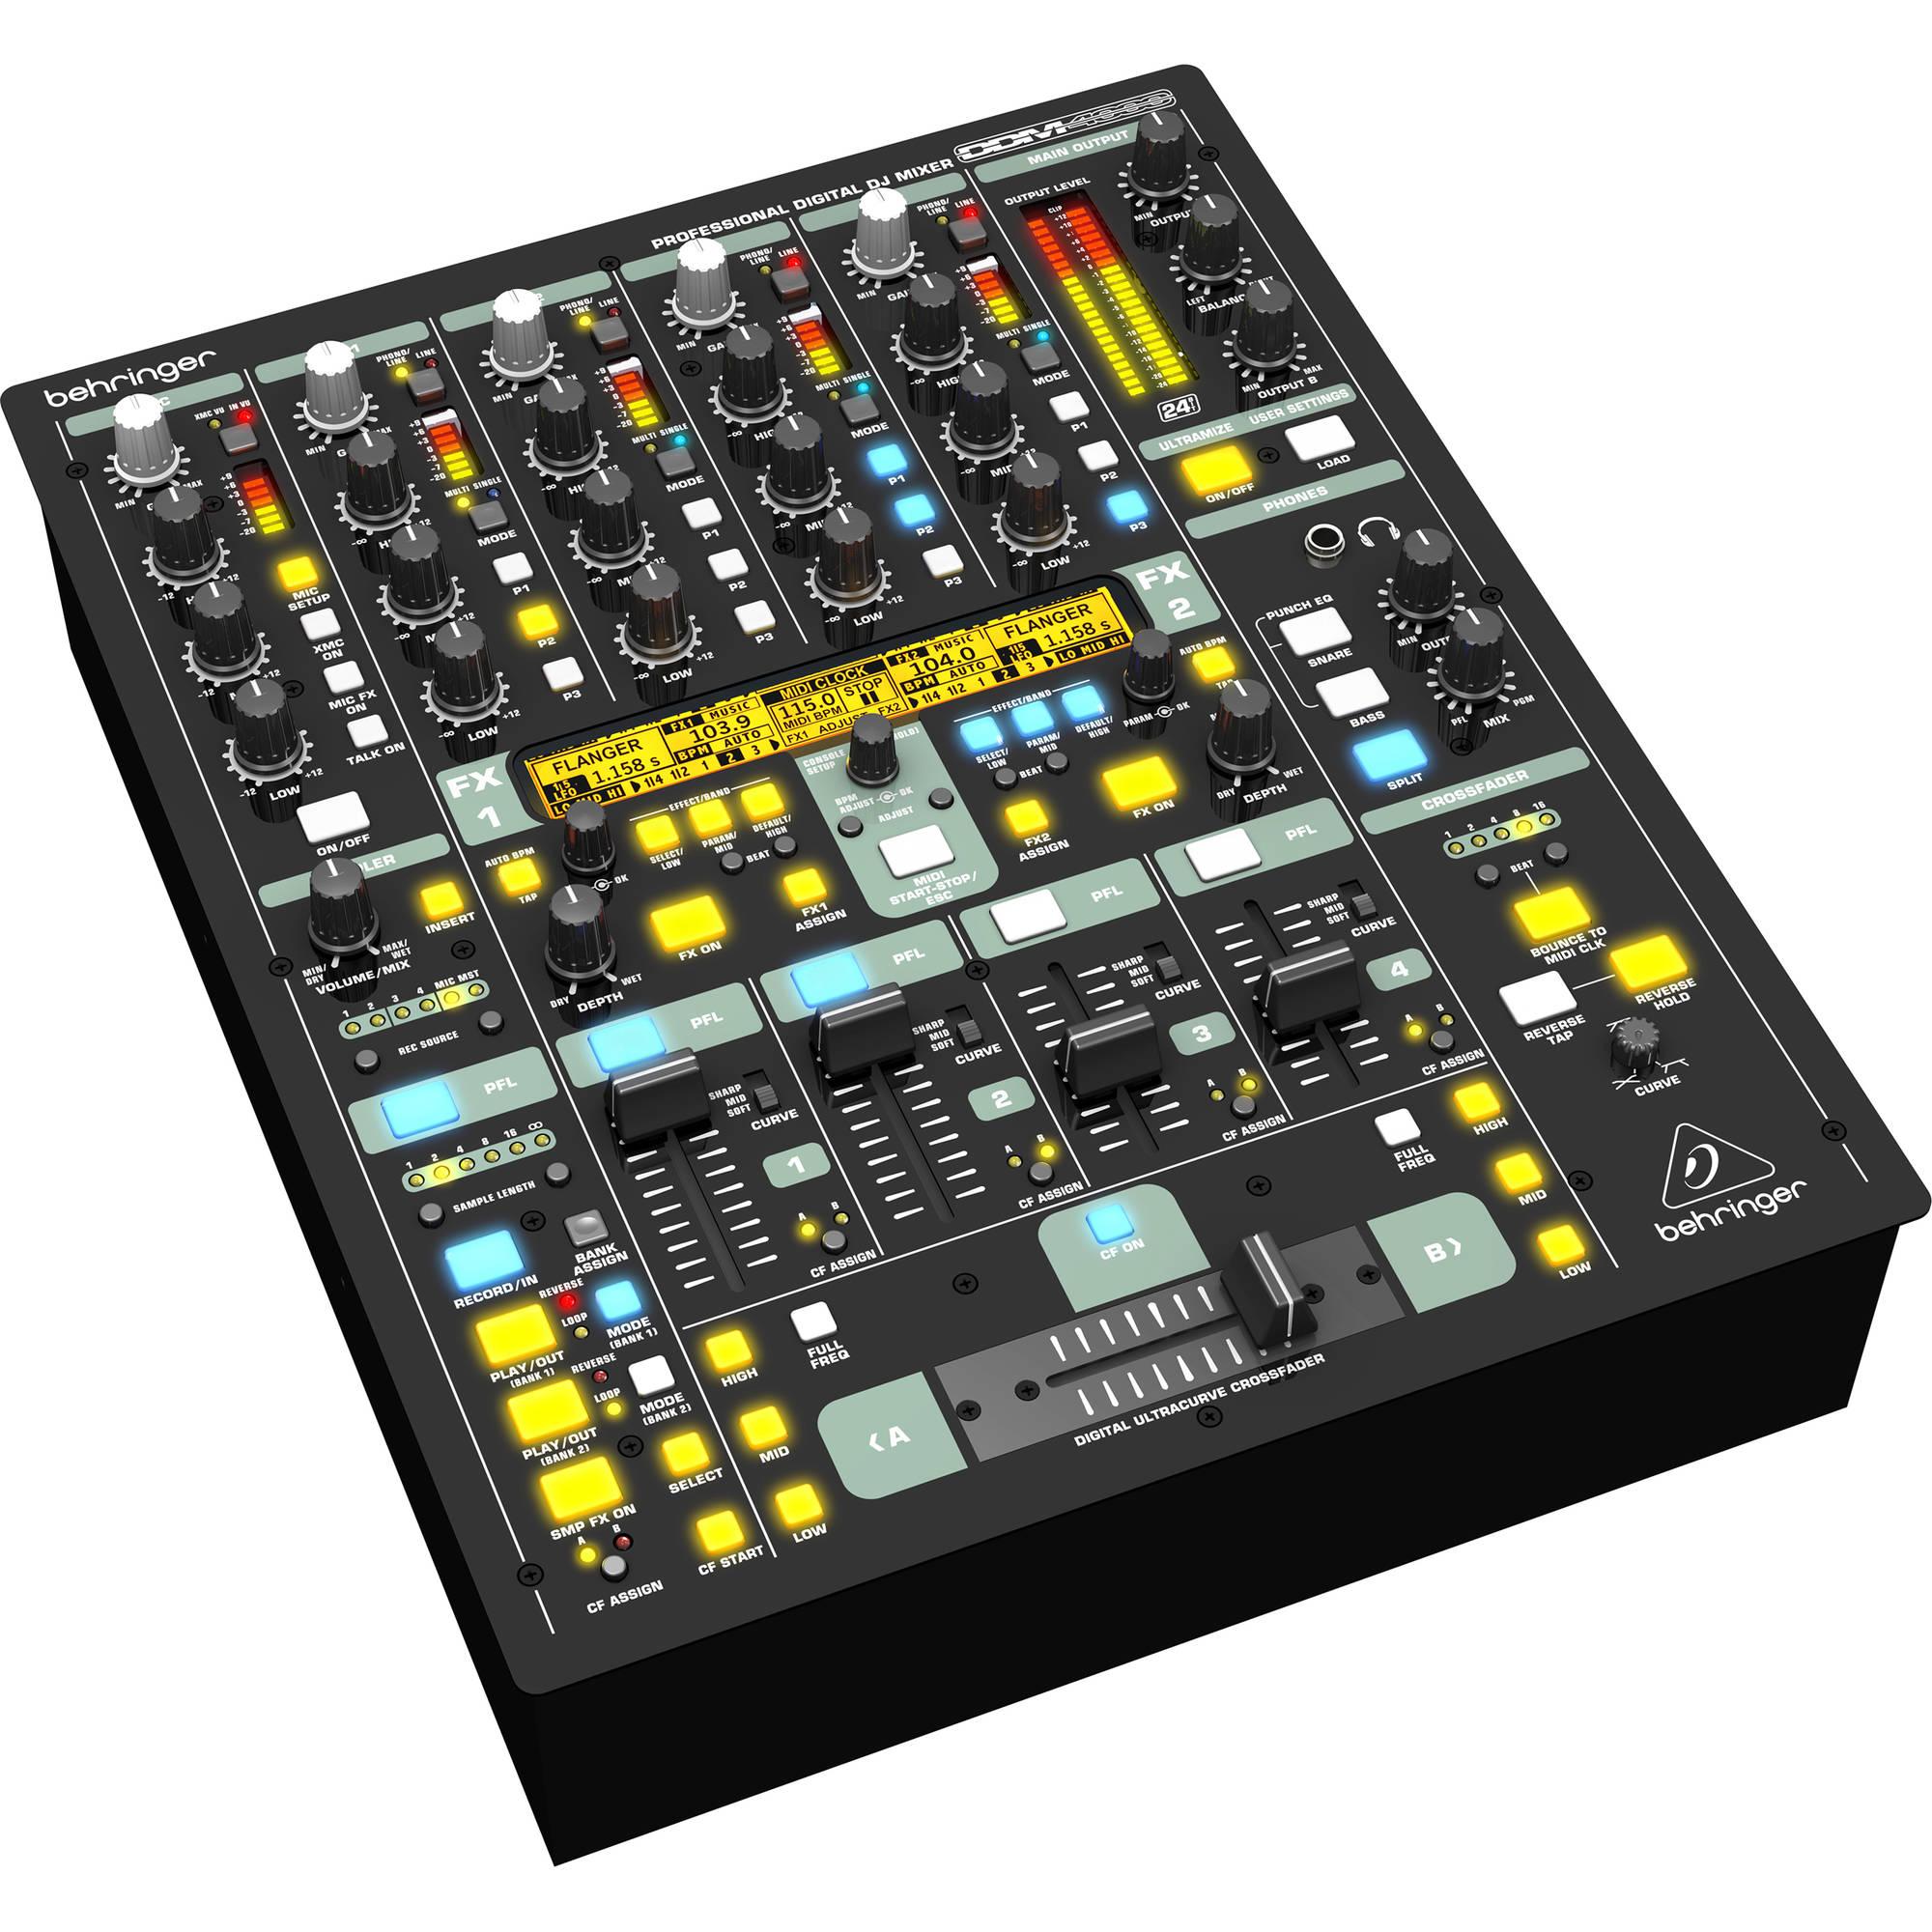 Behringer DDM4000 4-Channel Digital DJ Mixer DDM4000 B&H Photo